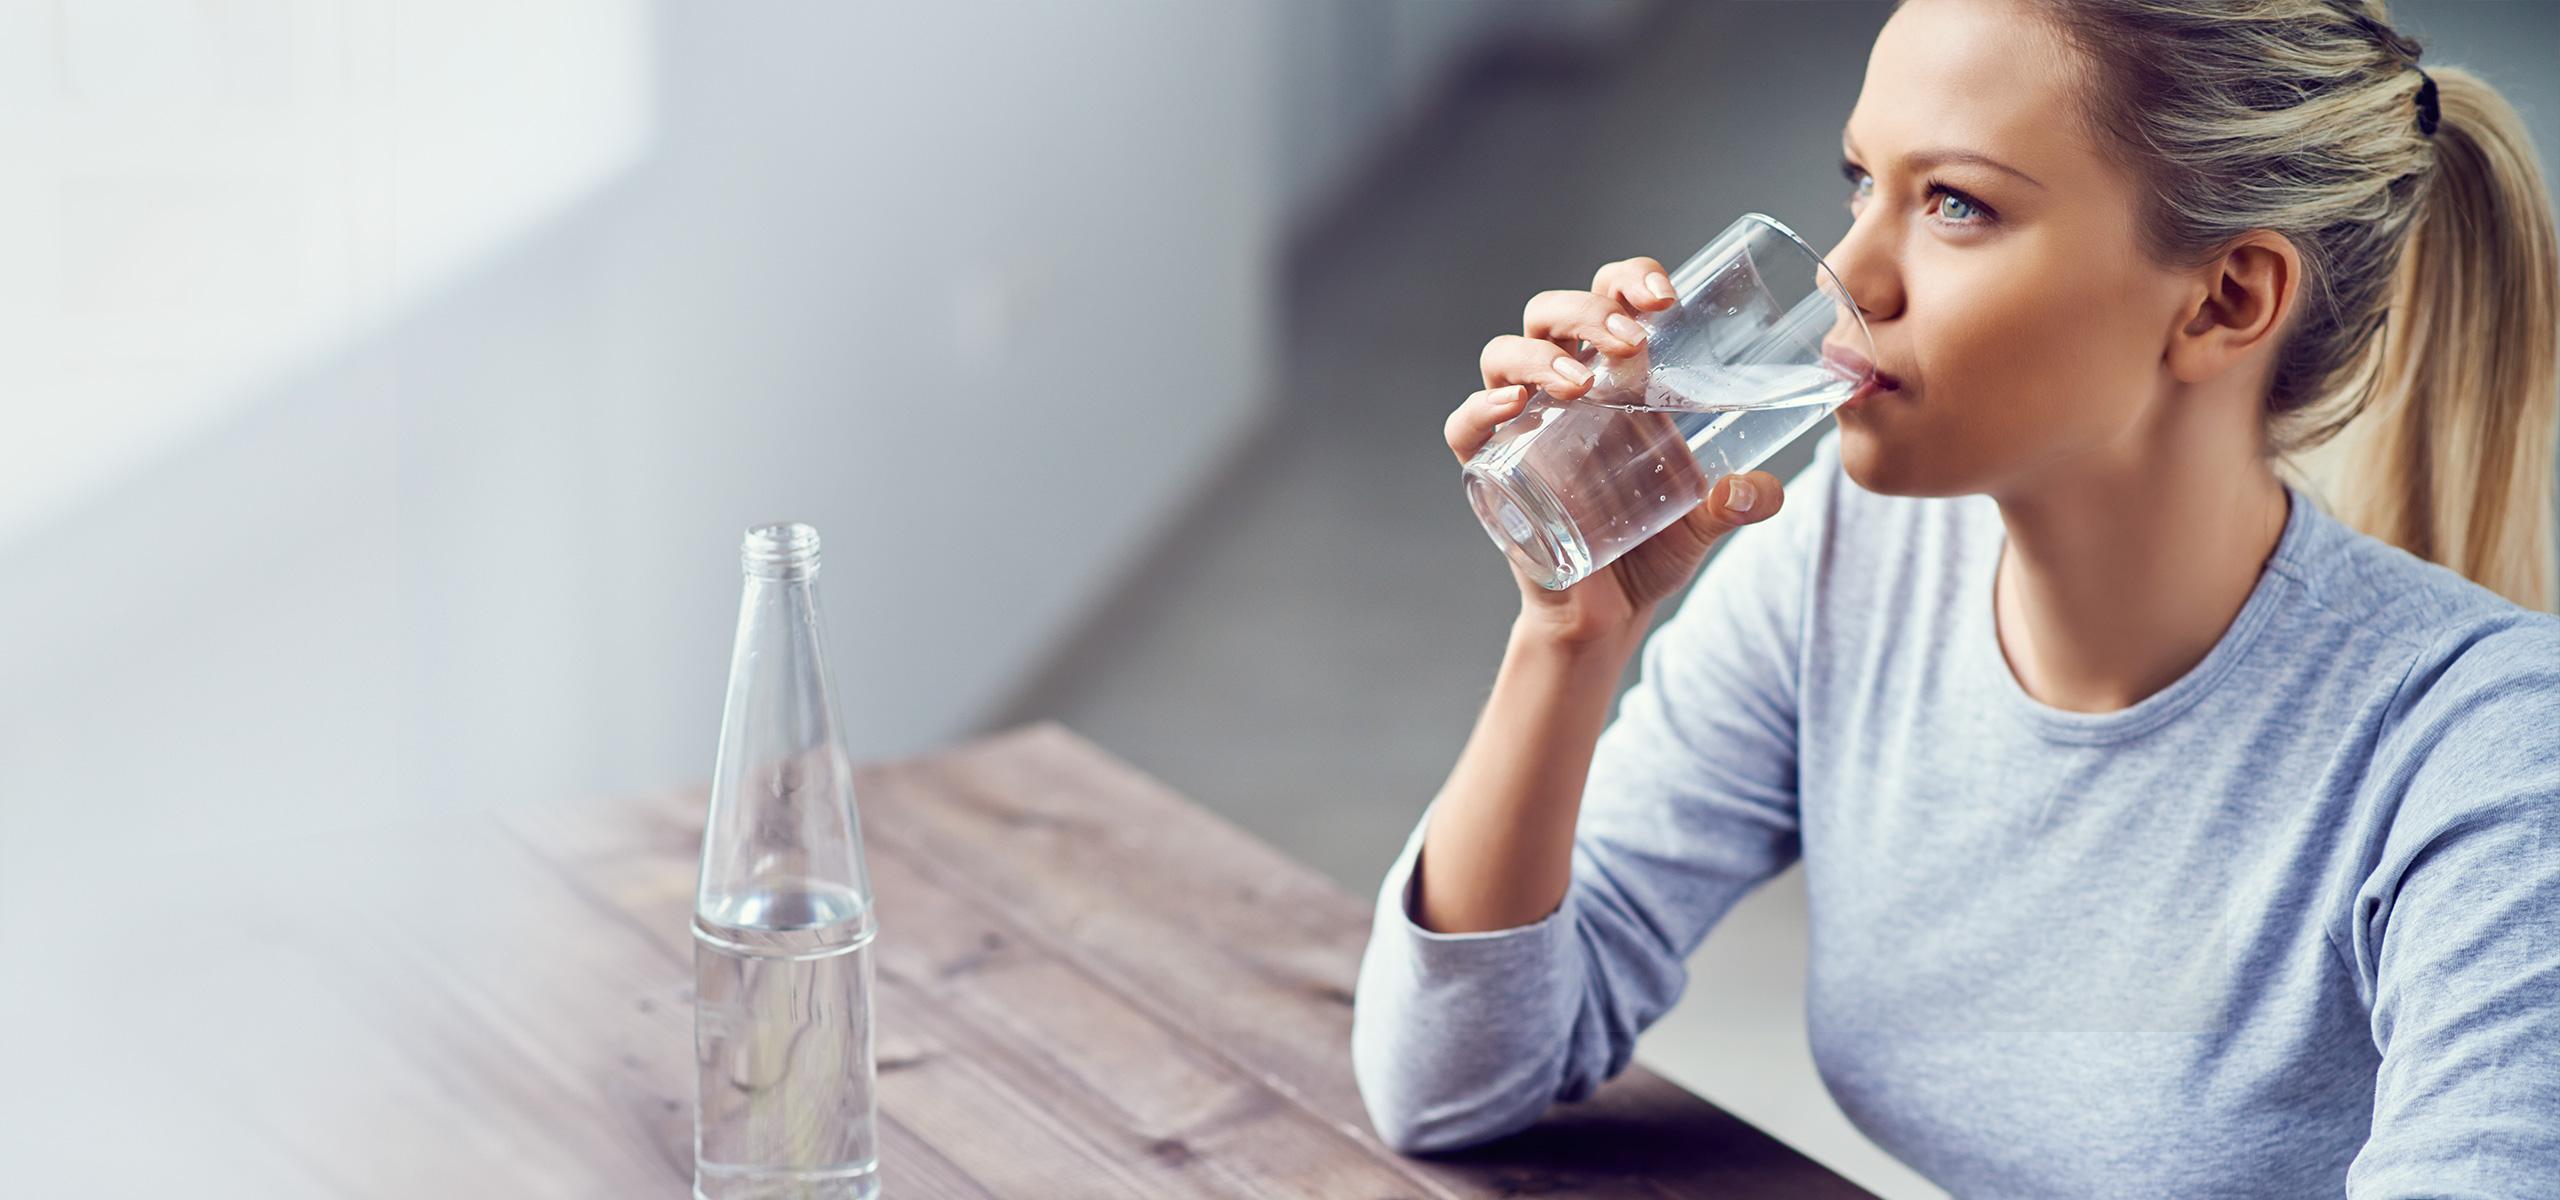 BRITA indywidualne nawodnienie kobieta pije